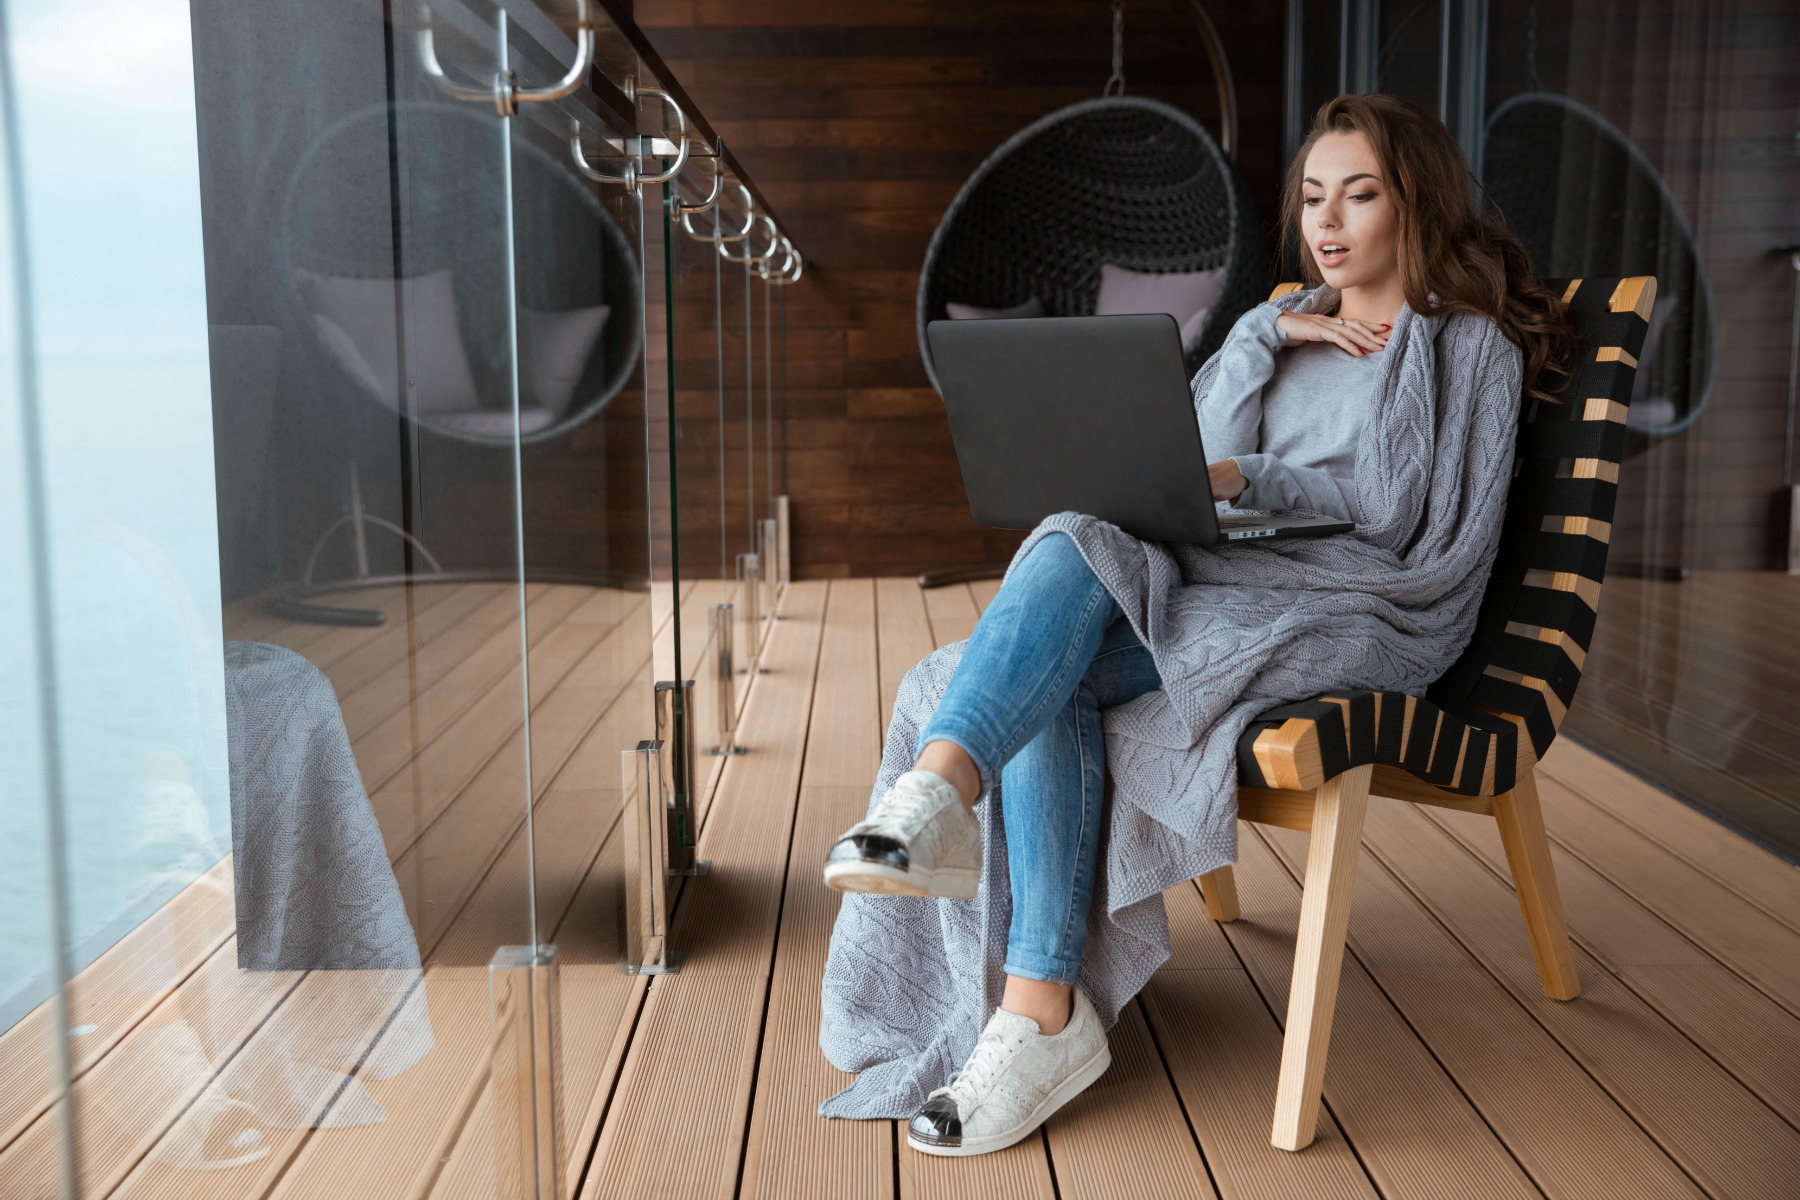 bærbar computer, kvinde, jobsøgning, jobcenter, ansøgning, anden aktør, historier, oplevelser, sidder, stol, lænestol